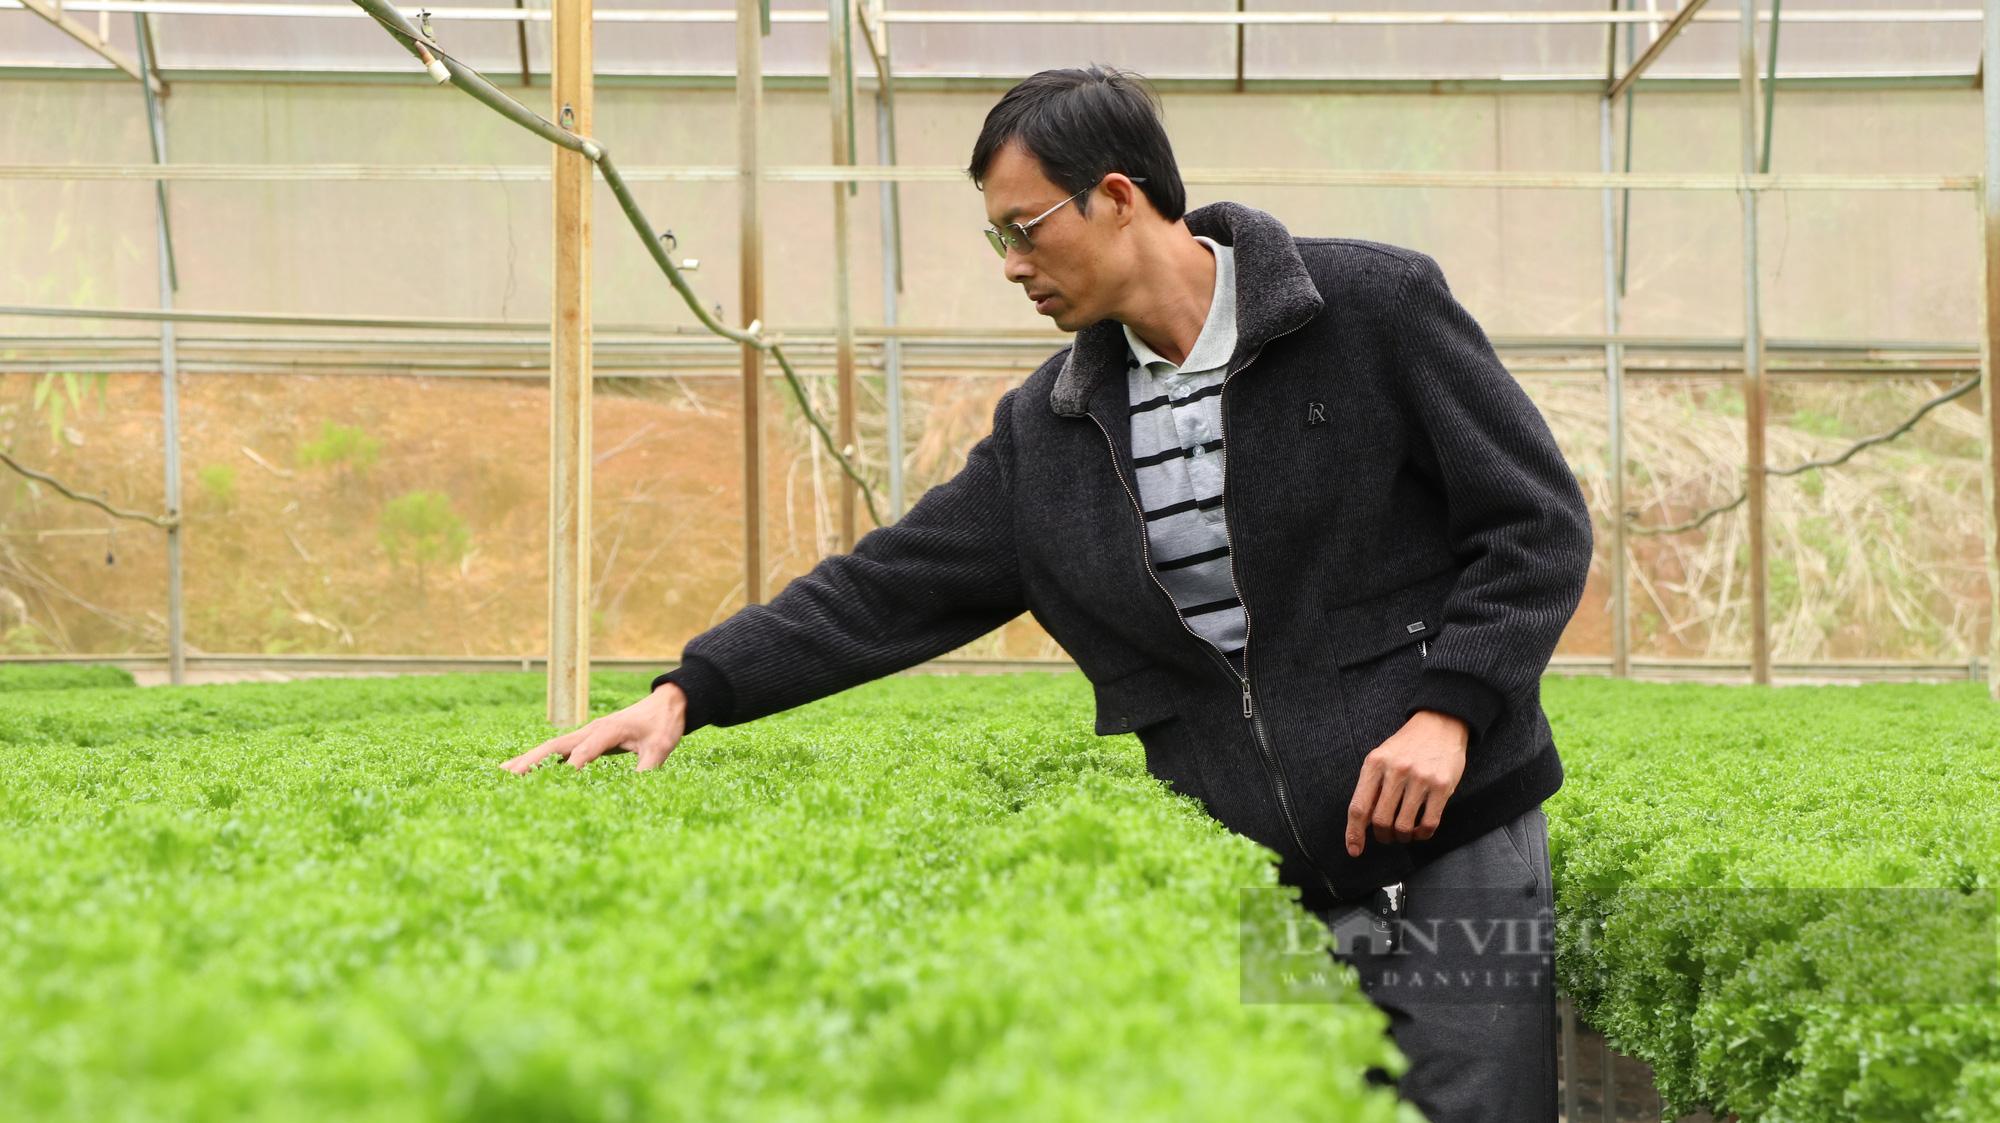 """""""Dũng cao"""" làm nông nghiệp công nghệ cao, xuất khẩu hàng trăm tấn rau xà lách đi Hàn Quốc - Ảnh 3."""